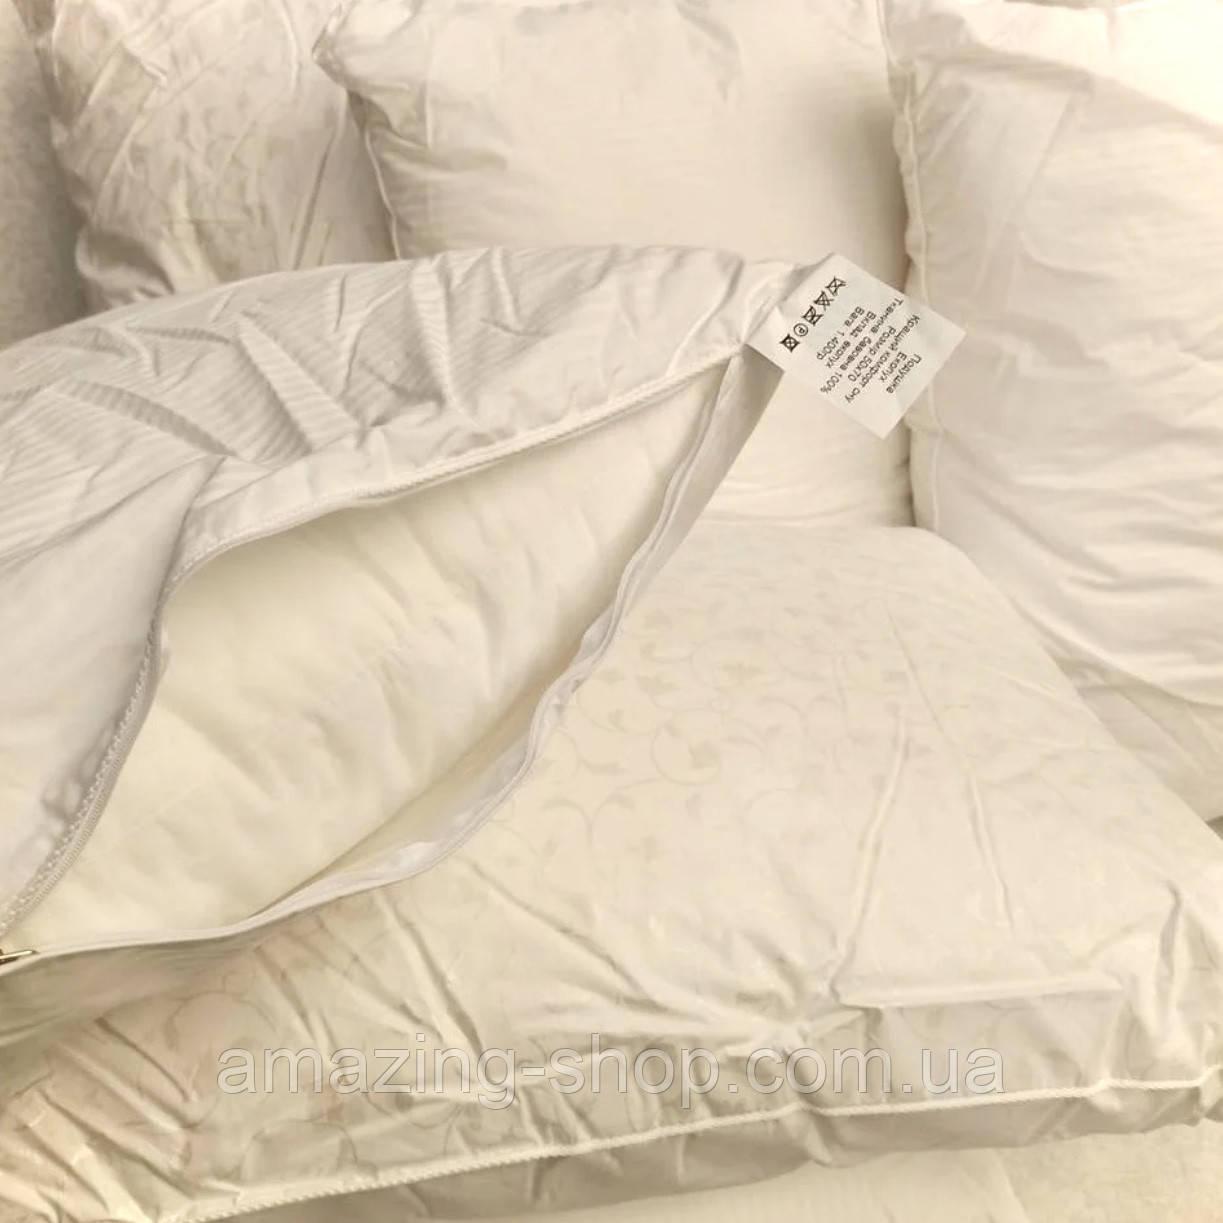 Подушка ЭКОПУХ 50х70 с наволочкой на замке 100% хлопок | Подушка для сна Антиаллергенная ОДА